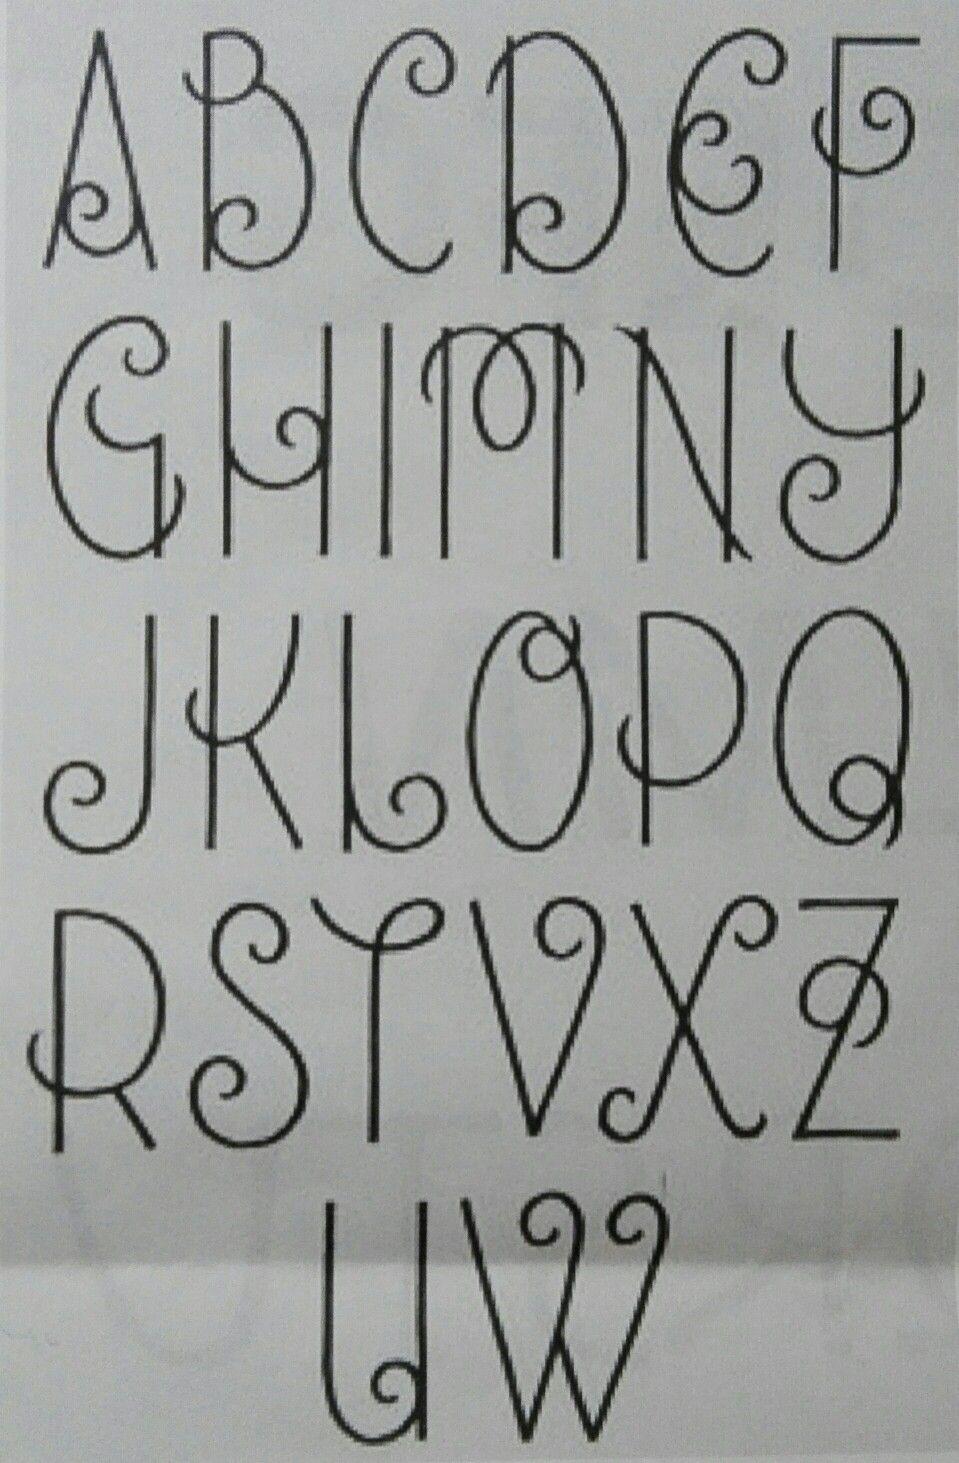 Super Sierlijke letters | Fonts and designs | Pinterest | Bullet  YL16